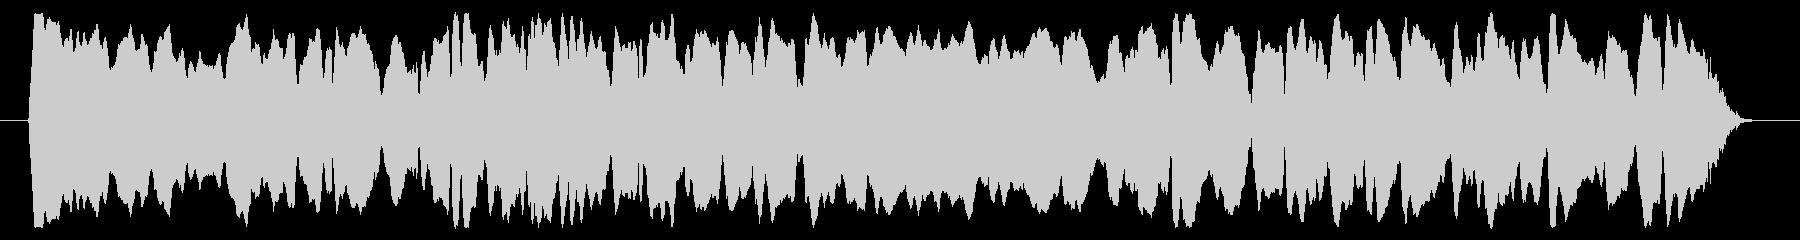 8bitパワーU-D-01-5_dryの未再生の波形